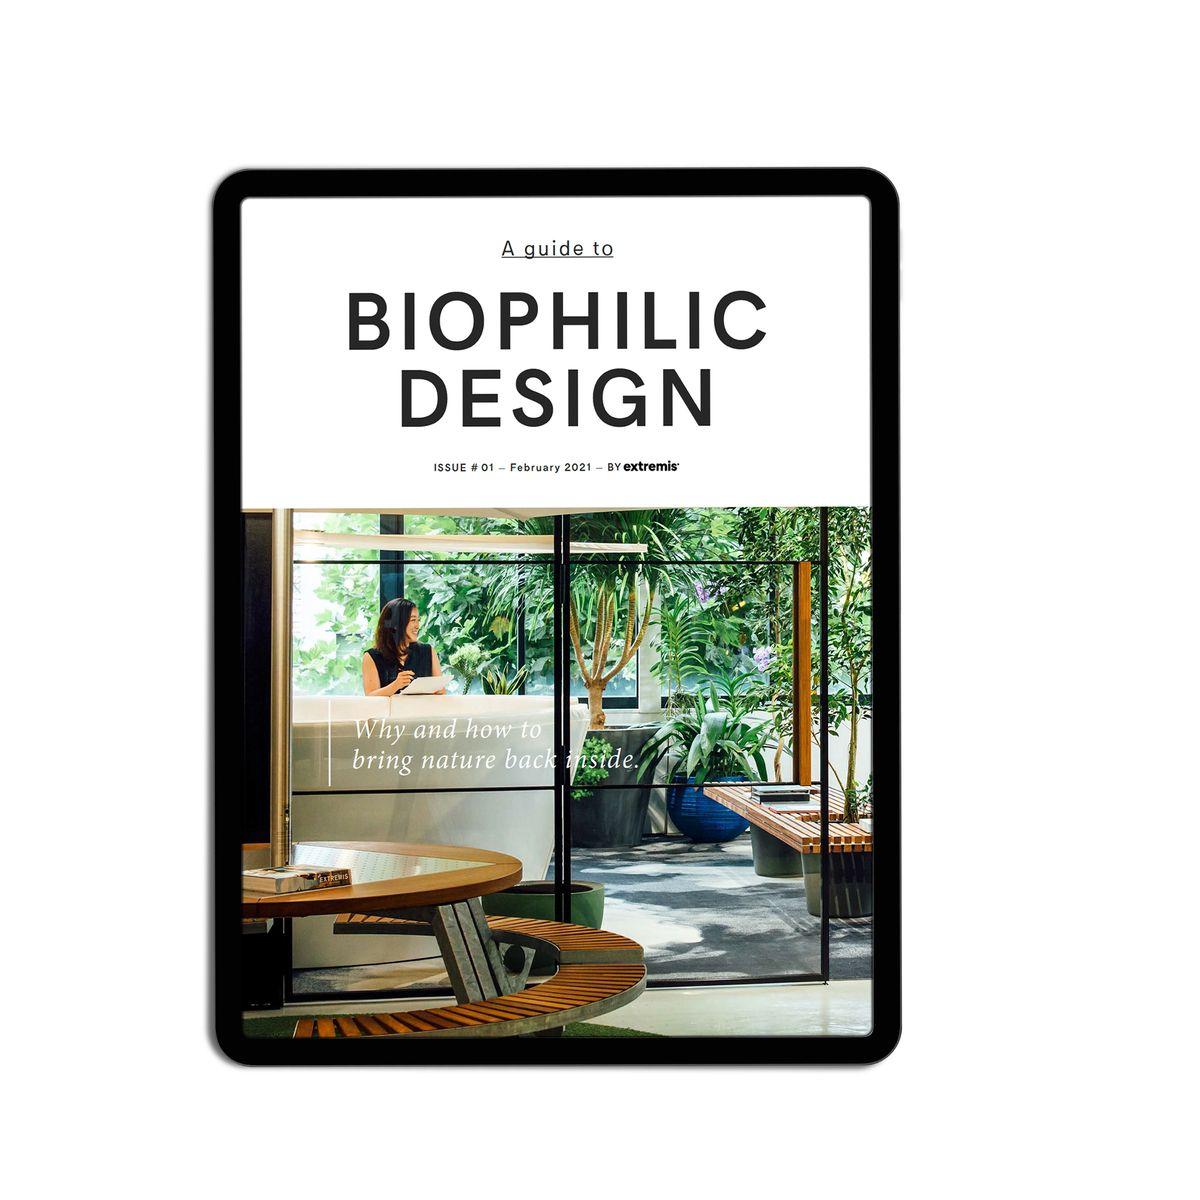 Een gids voor biofiel design